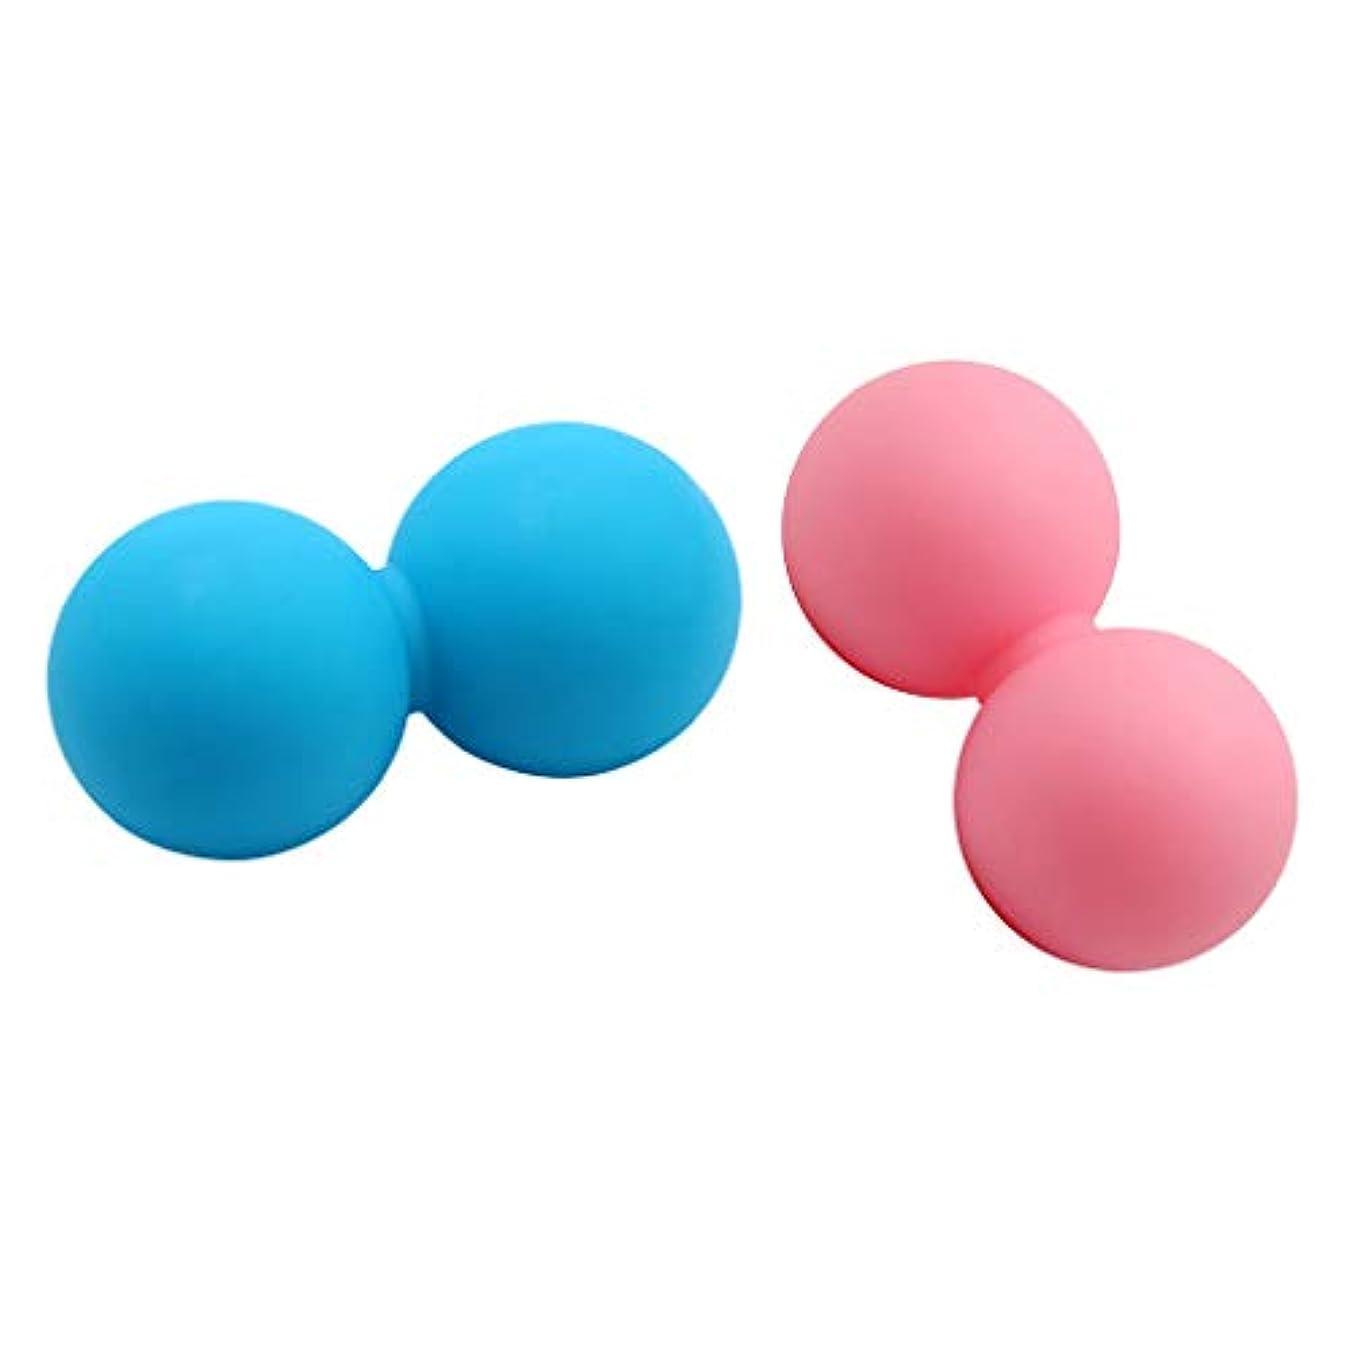 複雑ソート口径マッサージボール ピーナッツ ダブルラクロスマッサージボール リガーポイント ツボマッサージ 2個入